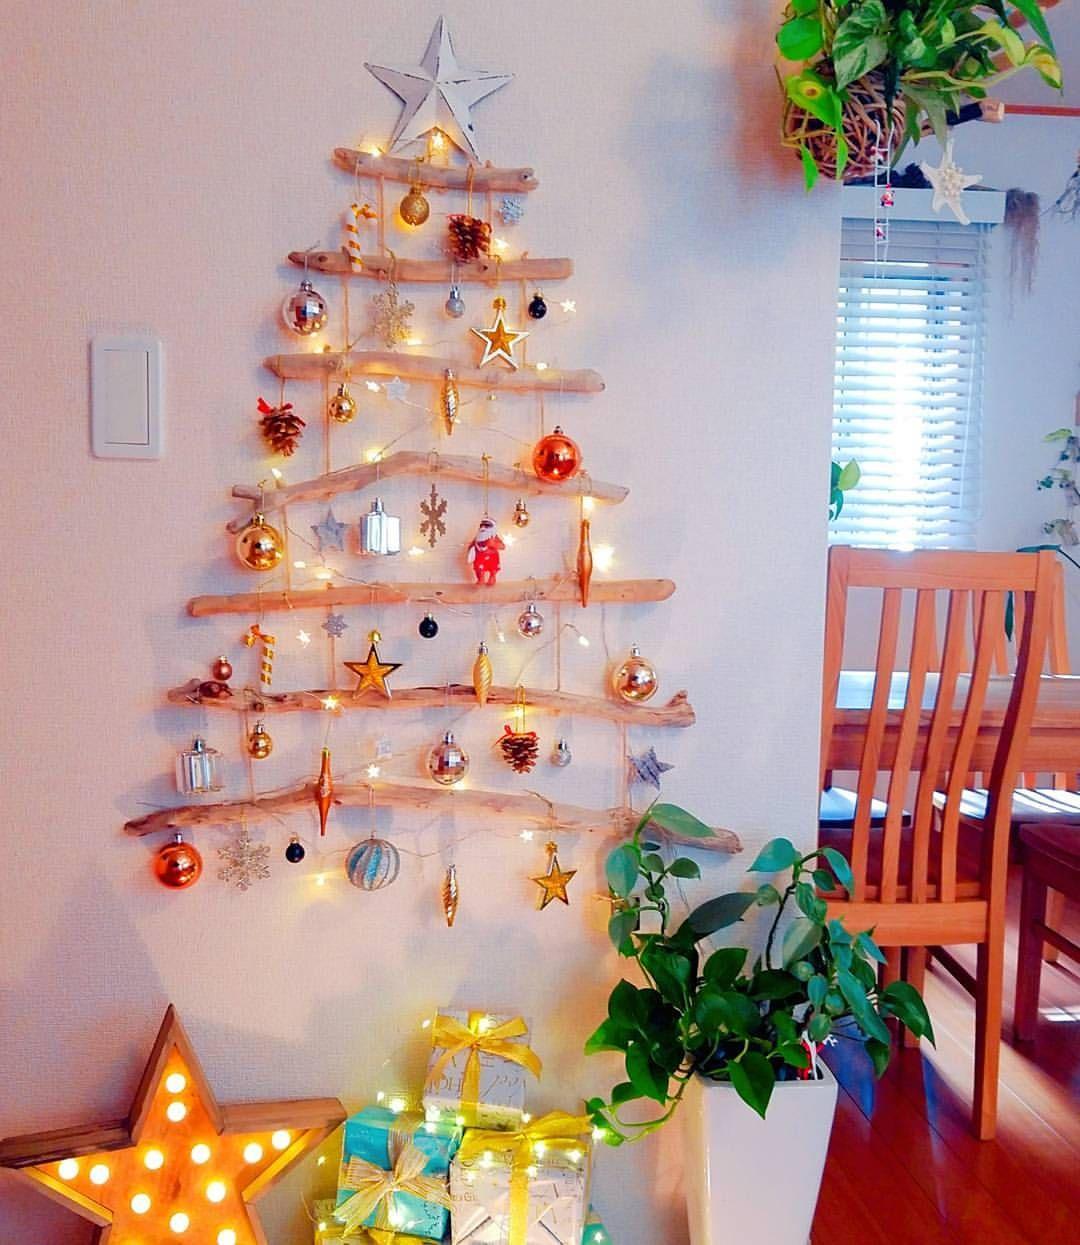 いいね 740件 コメント30件 Fumiさん Fumickey1121 のinstagramアカウント 流木ツリー もっと海っぽくしたかったけど 白い壁にヒトデや貝殻は目立たなかったので さりげなくアロハサンタ ニトリ 100 クリスマス 壁 クリスマス 壁飾り クリスマス